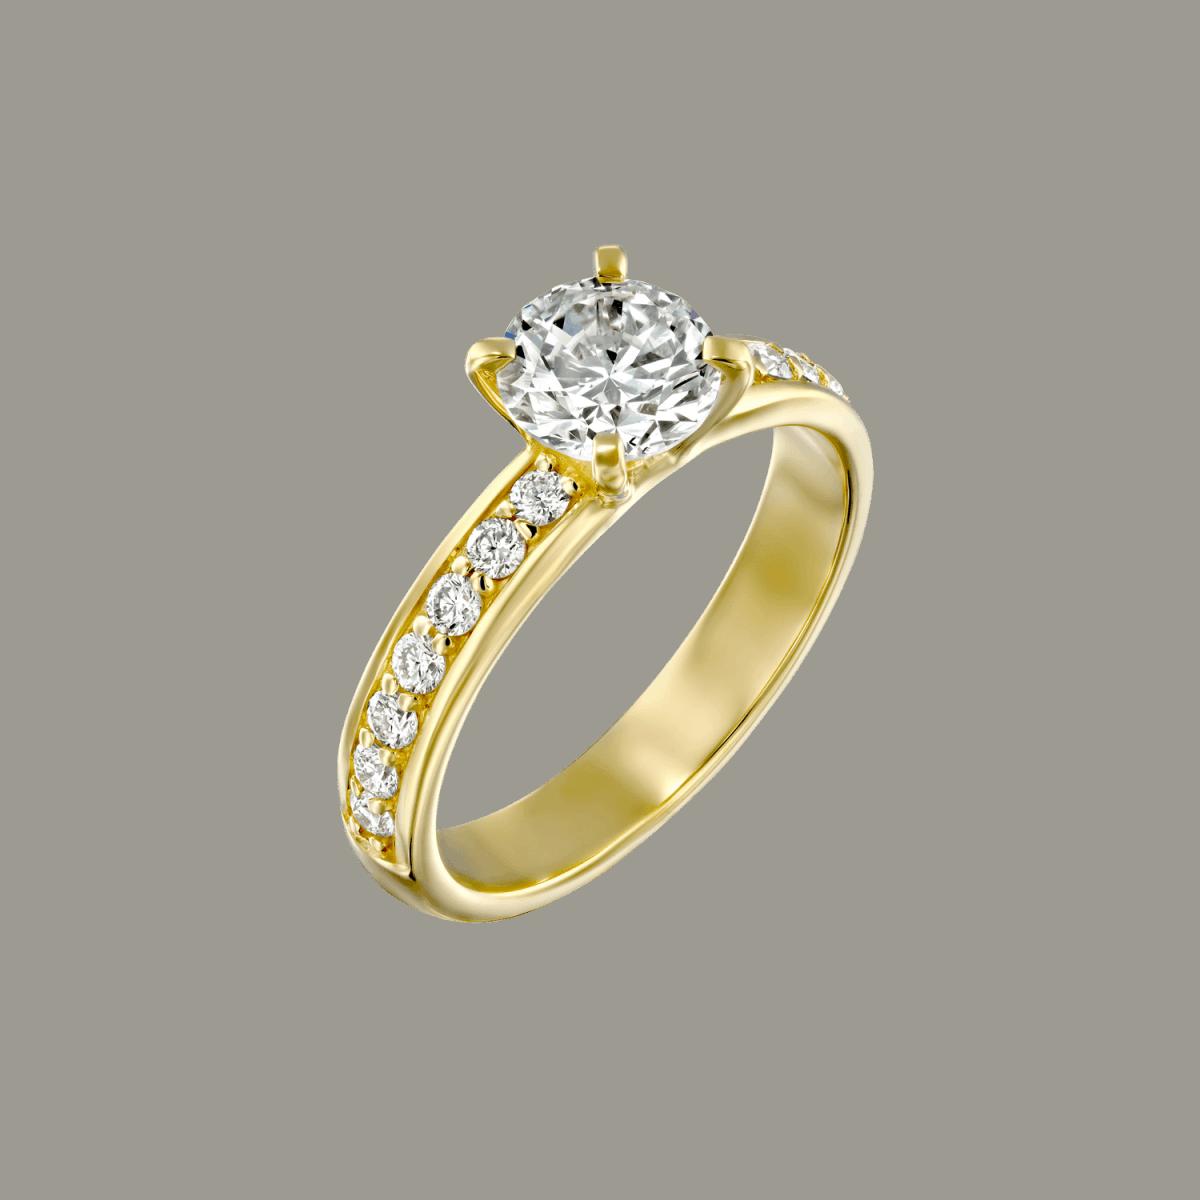 טבעת יהלומים לורן מזהב צהוב 1.21 קראט D-VS2